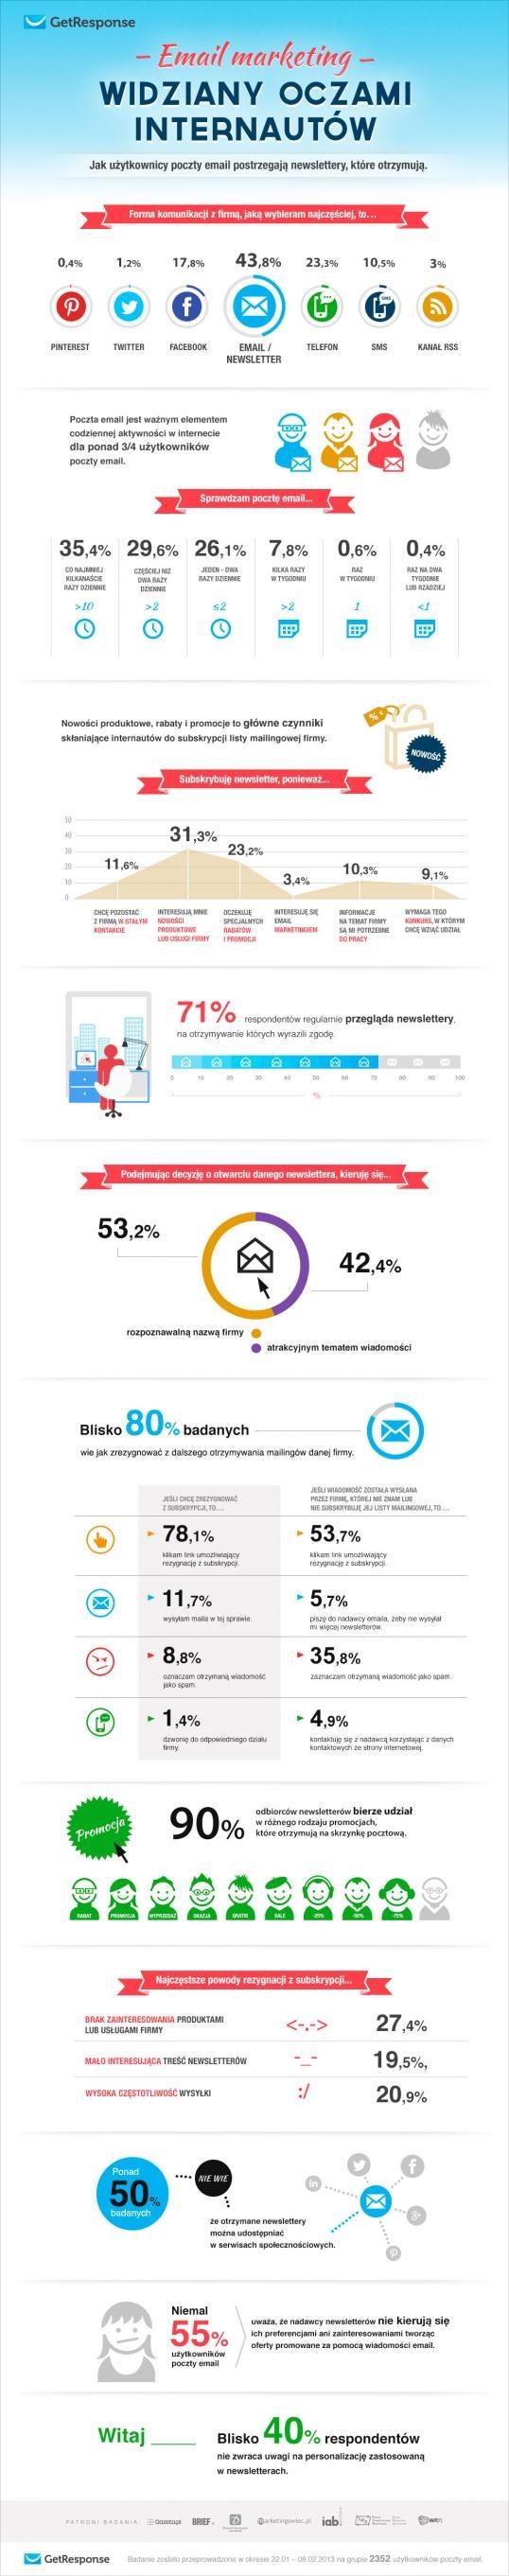 Email marketing oczami internautów - raport GetResponse/IAB Polska Email to najczęściej wybierana forma komunikacji z firmą, ponad 80% badanych sprawdza pocztę email codziennie, blisko 3/4 regularnie przegląda newslettery, a niemal 90% odbiorców newslettera bierze udział w promocjach, które otrzymują - wynika z badania przeprowadzonego przez ekspertów email marketingu z GetResponse - Email marketing oczami internautów.